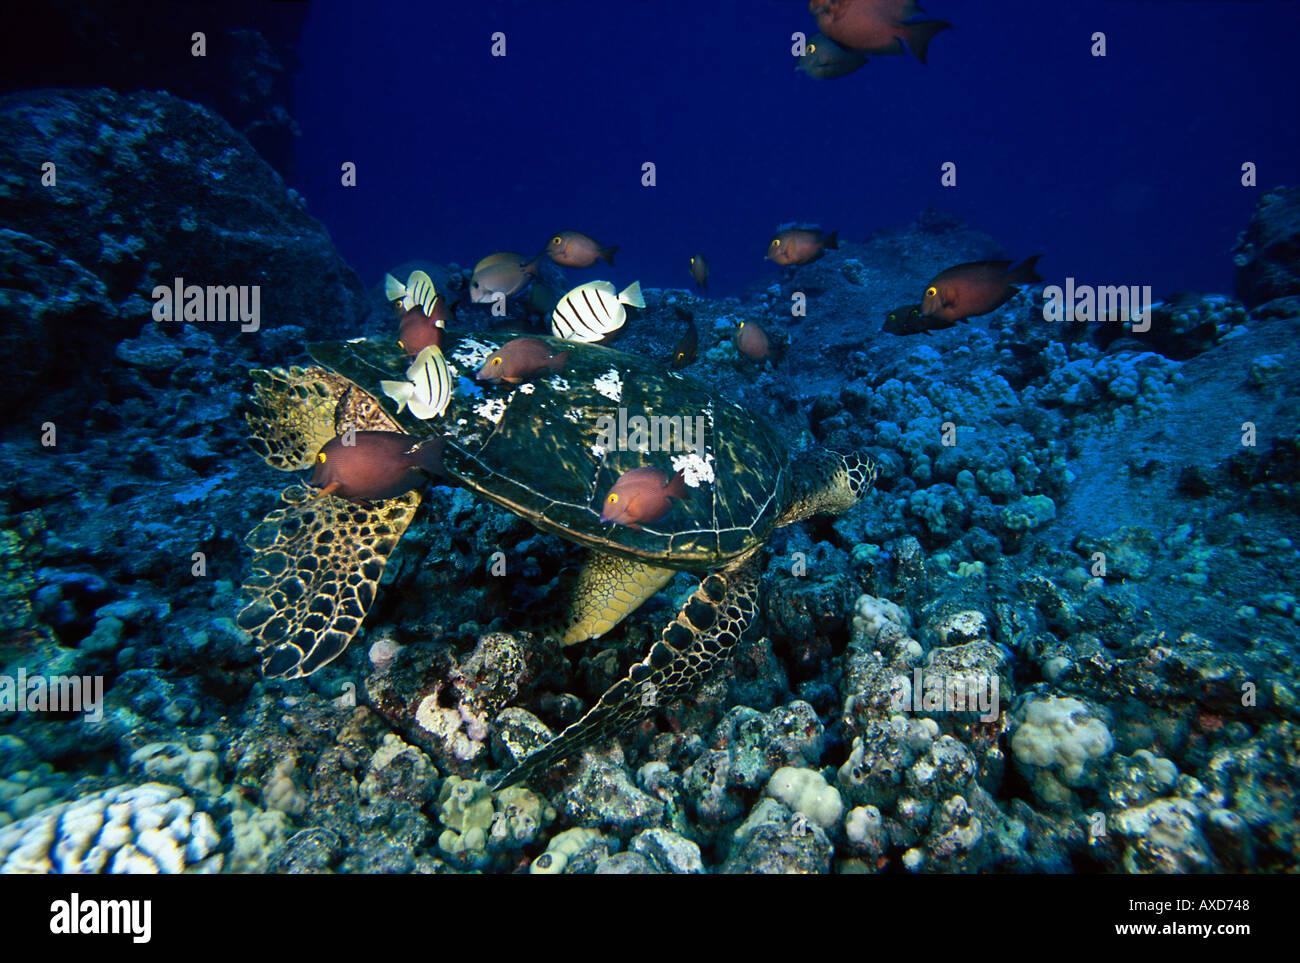 Arbeiten Auf Hawaii zwei arten doktorfisch arbeiten an dieser grüne